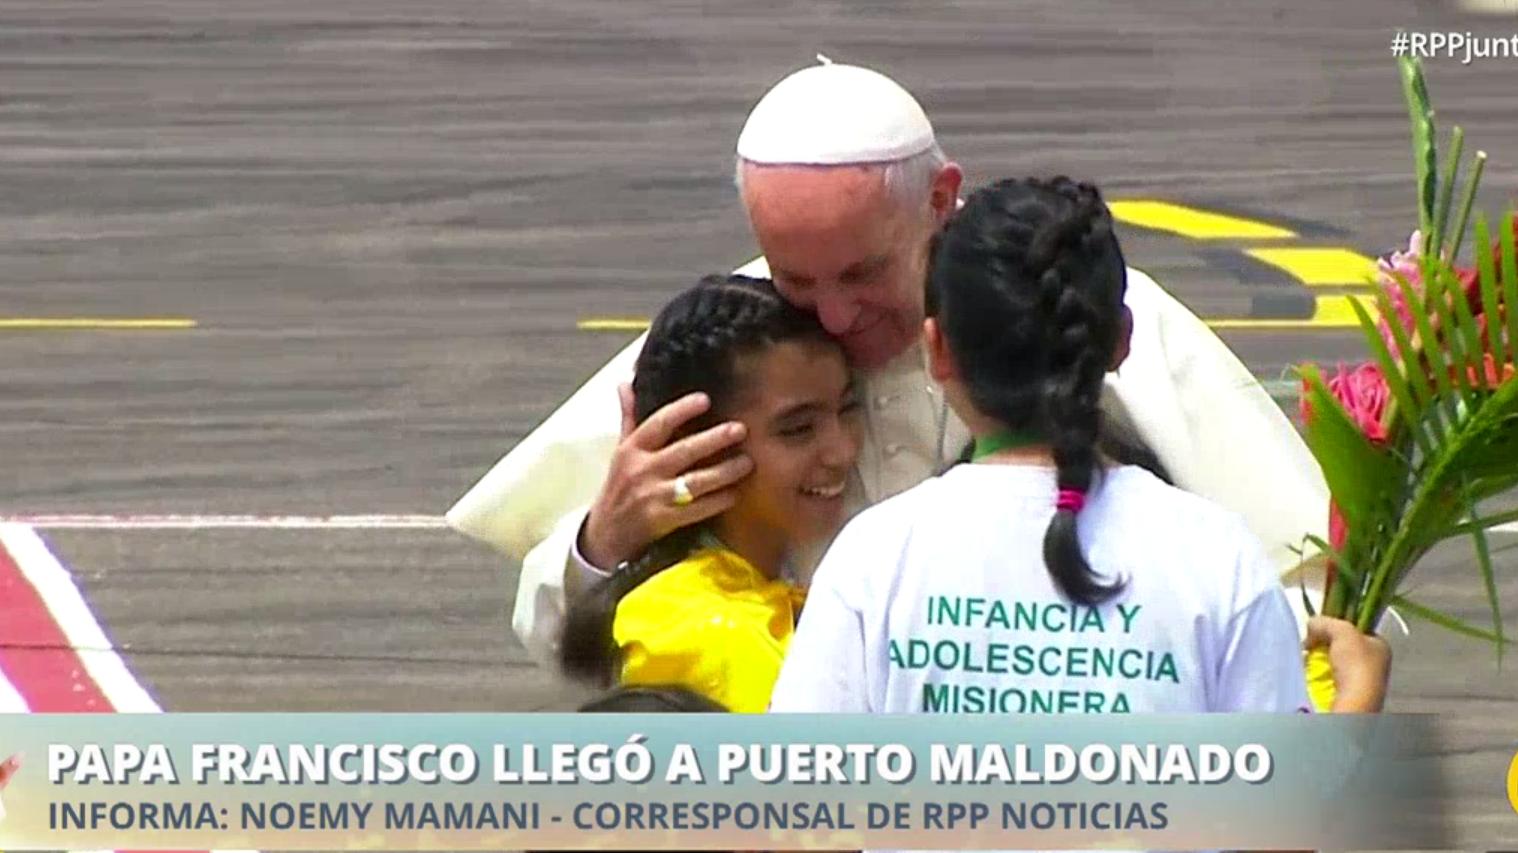 Los niños de la Organización Infancia y Adolescencia Misionera se encargó de darle la bienvenida al Sumo Pontífice.